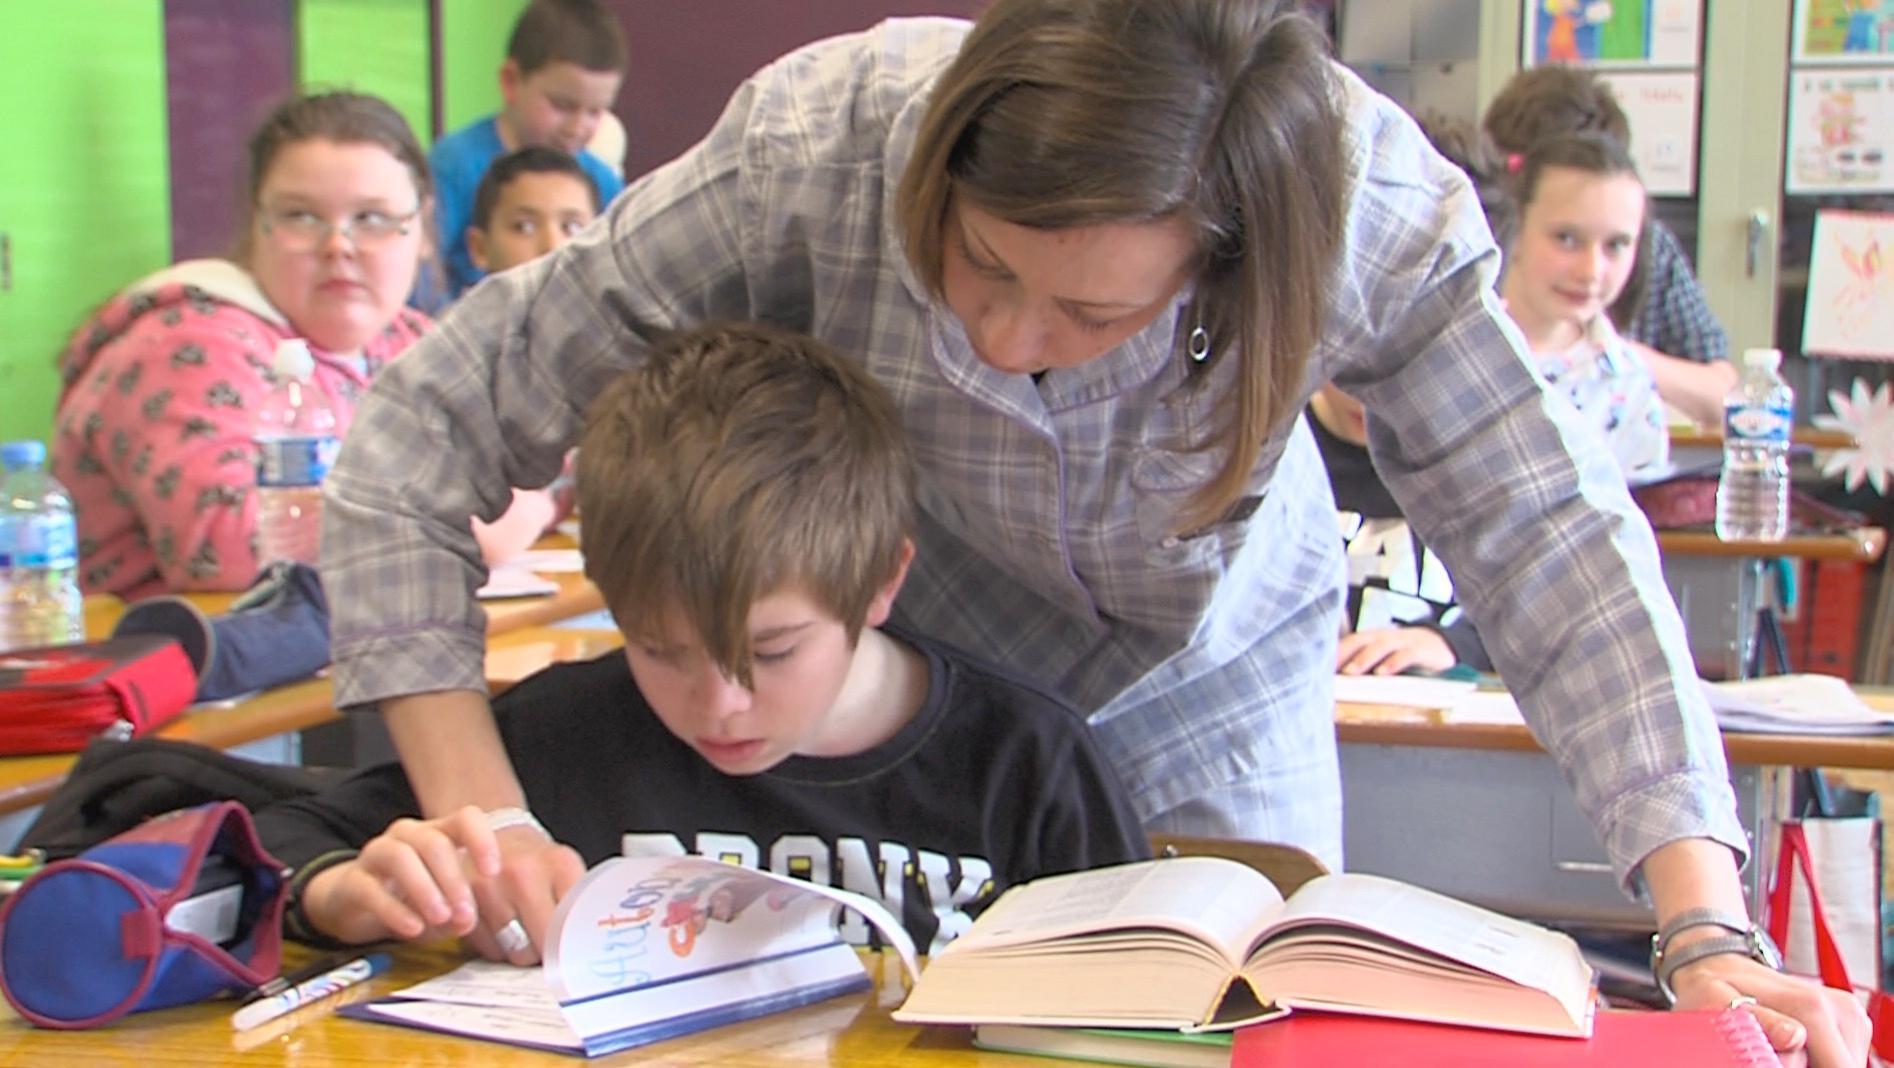 Enseignants et élèves... tous en pyjama à l'école